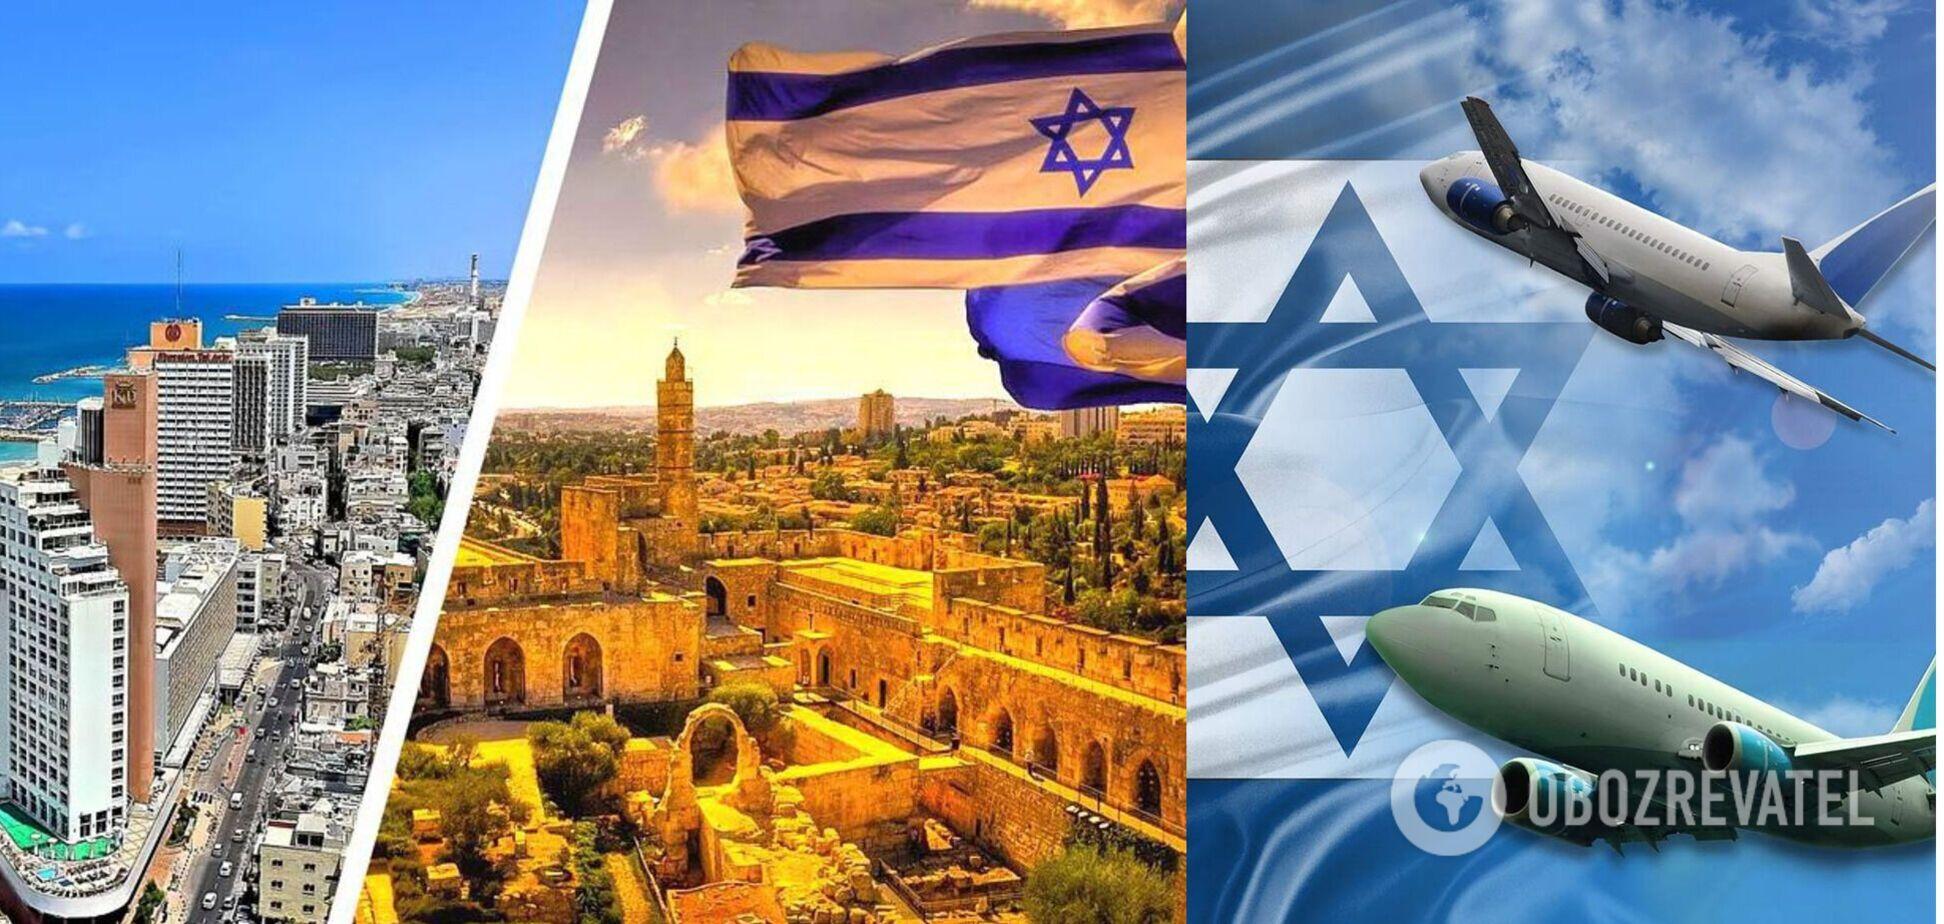 VIP-репатріація: як отримати громадянство Ізраїлю за 4 години всього лише за € 1000